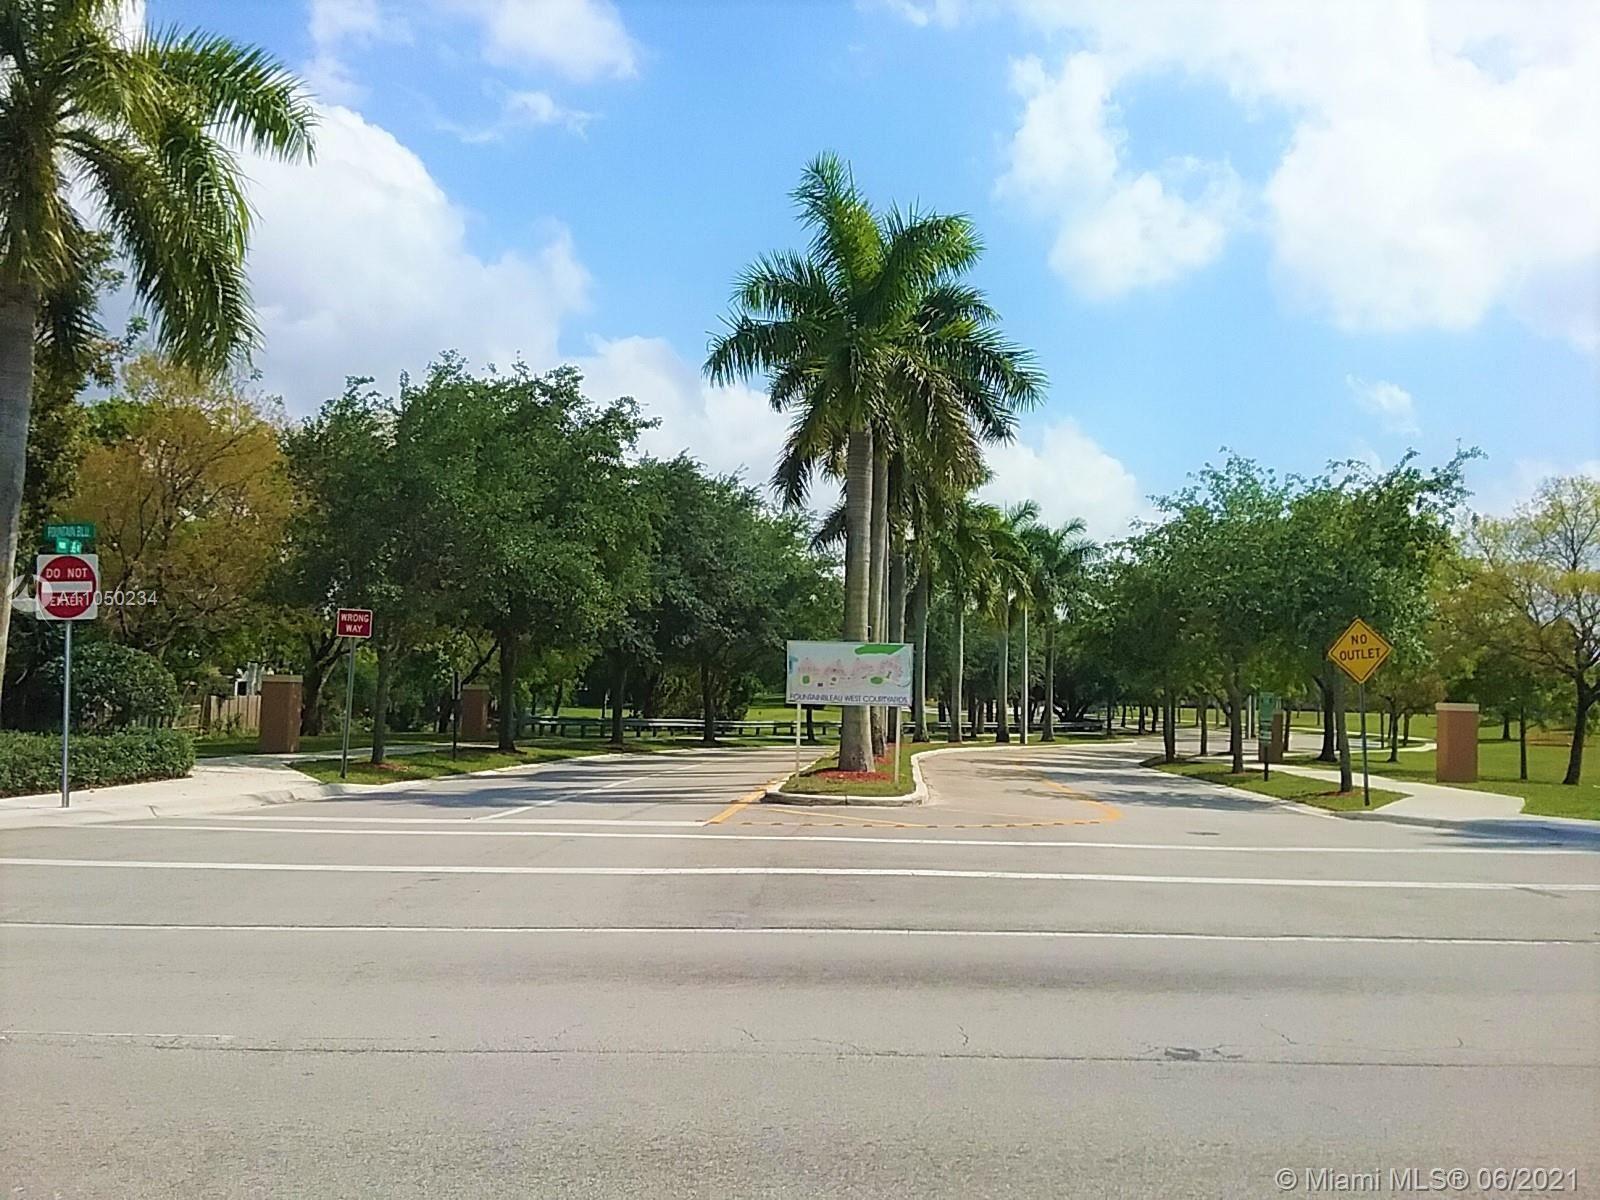 10022 NW 7th St #207, Miami, FL 33172 - #: A11050234